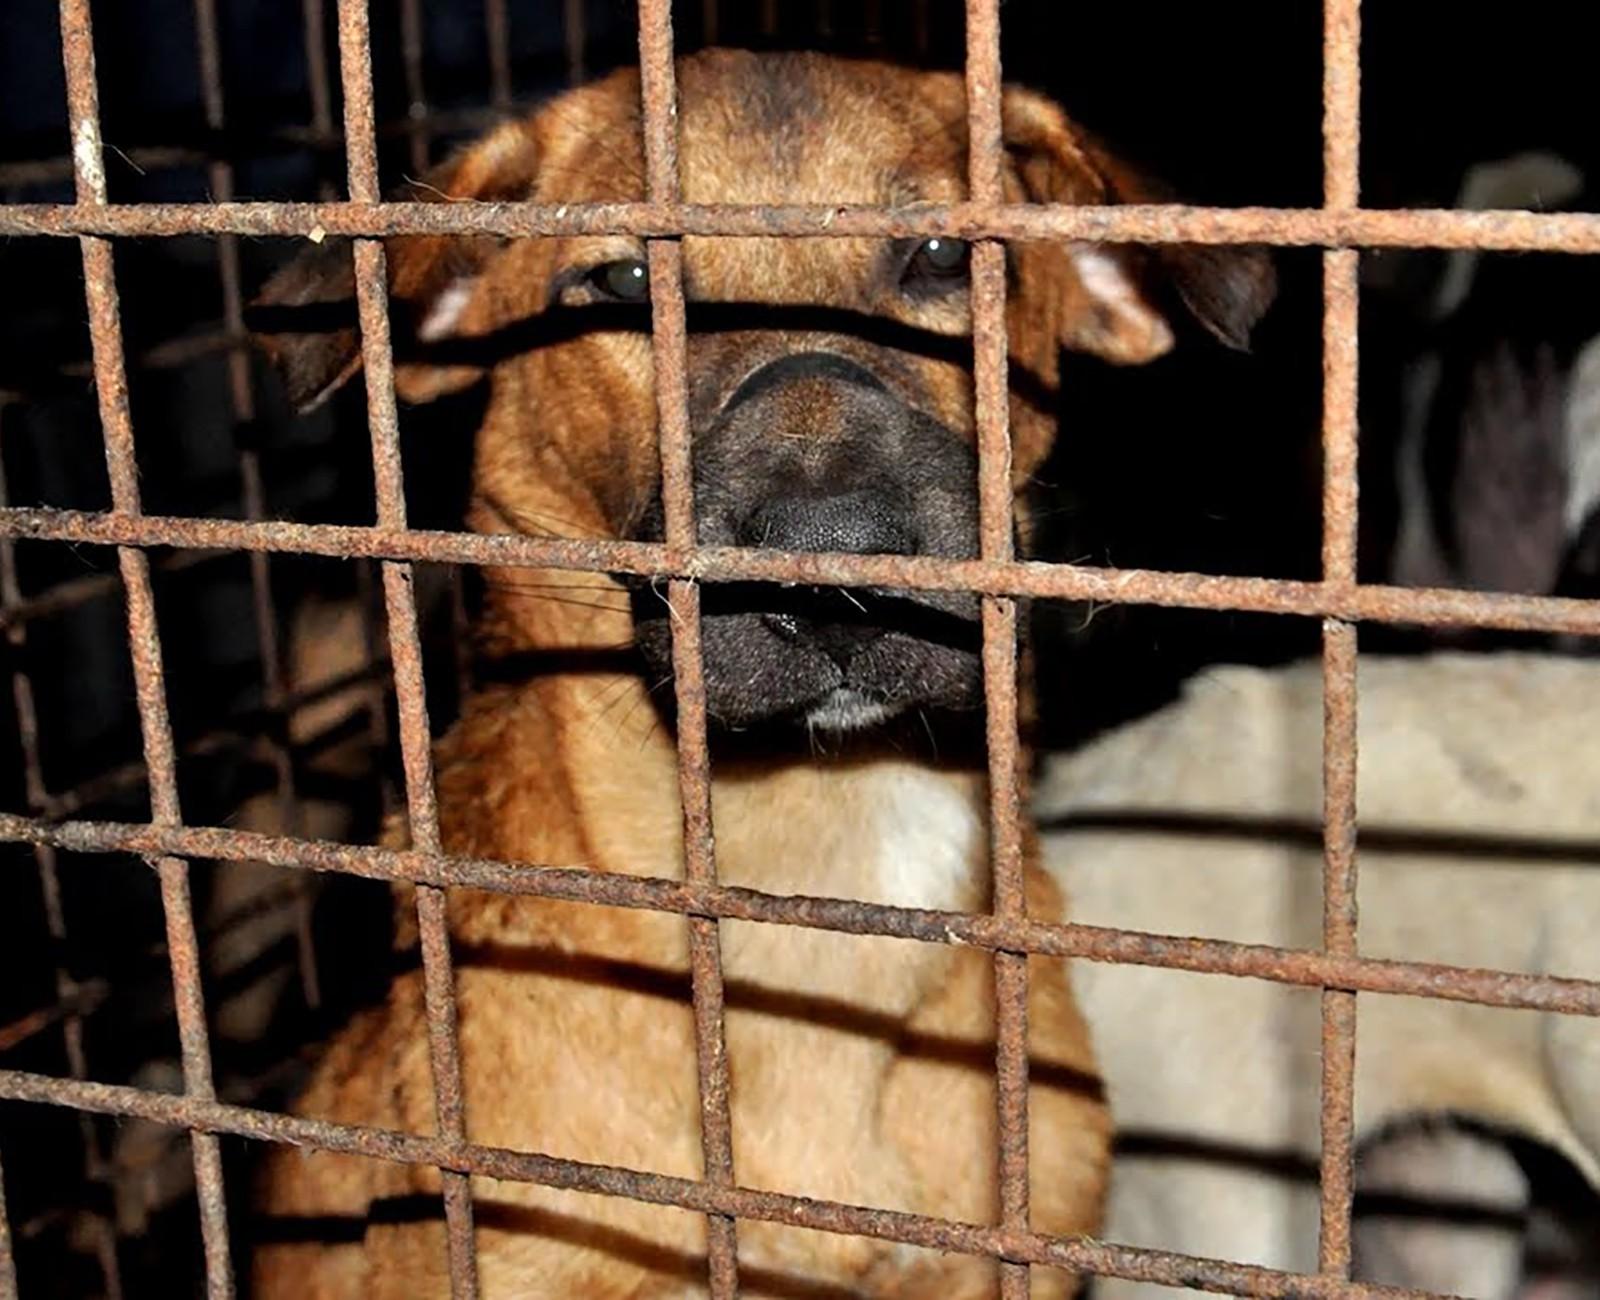 Chuyện ở những đất nước mà chó mèo có hai số phận: hoặc được cưng chiều hết mực, hoặc bị bắt nhốt dã man nằm thoi thóp chờ chết